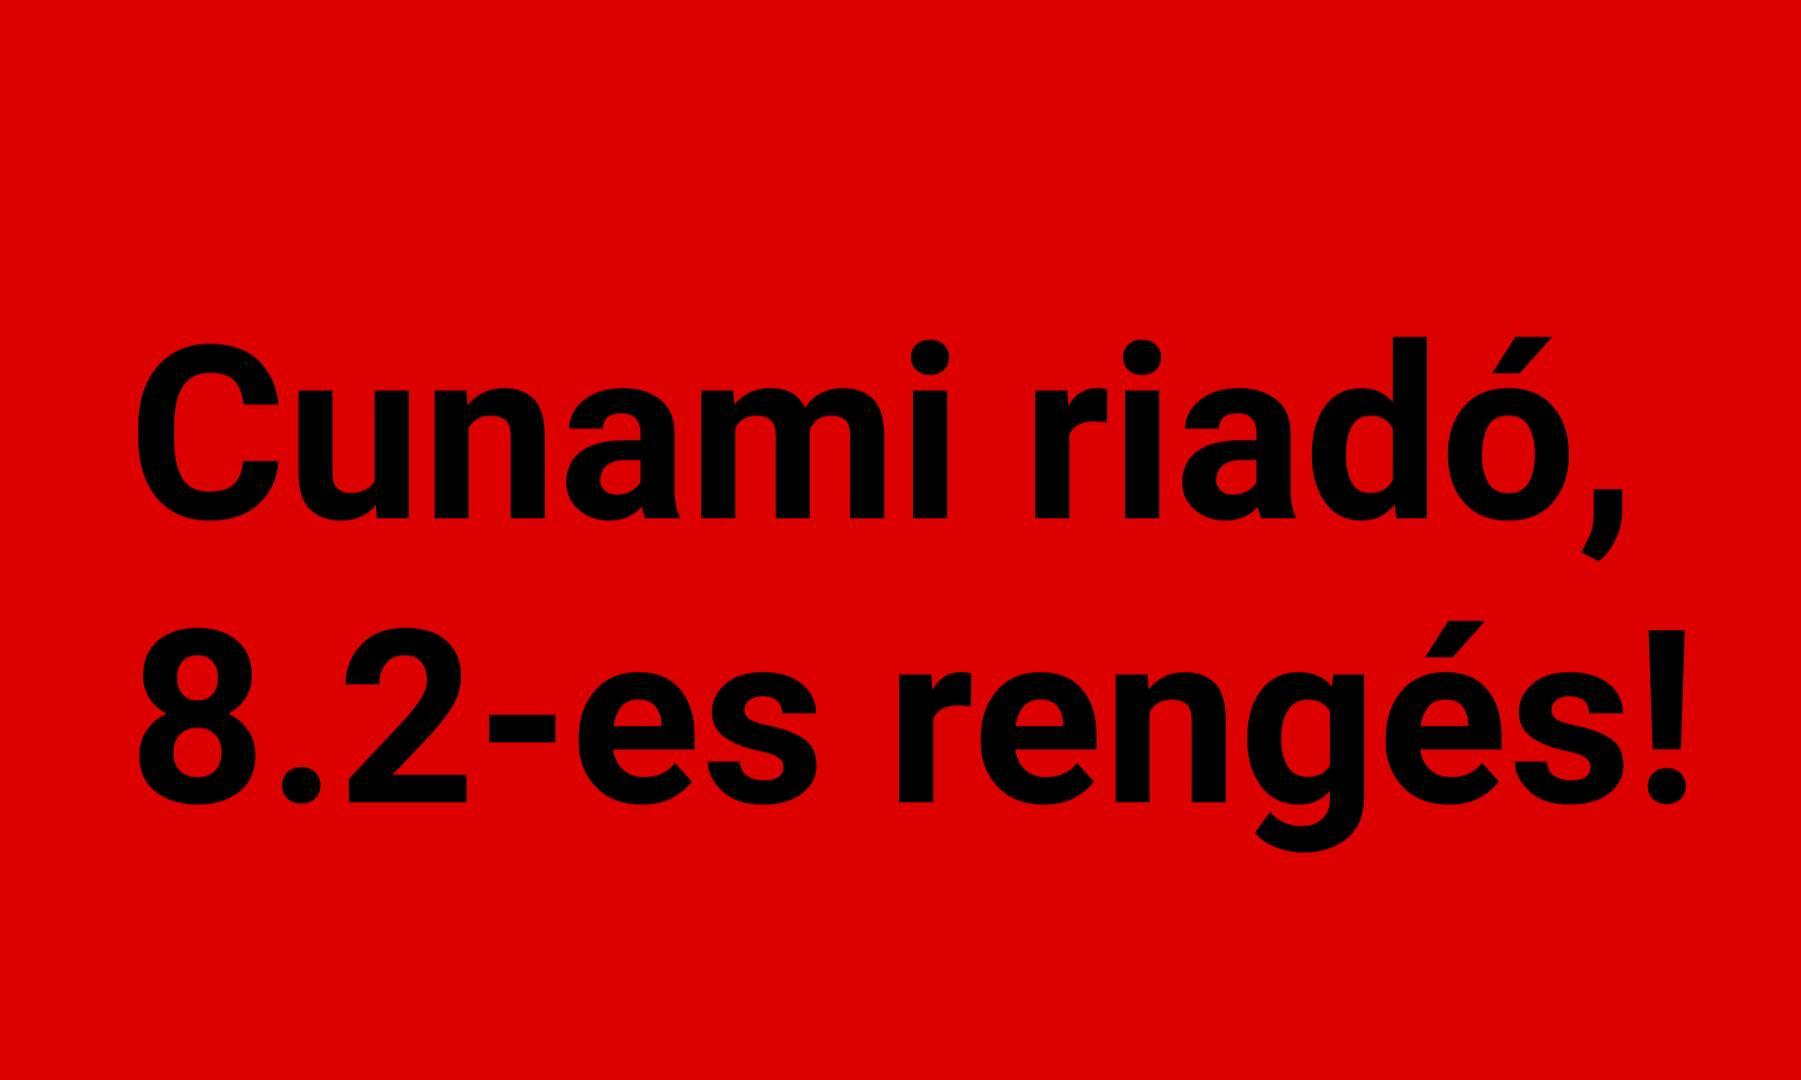 Cunami riadó: 8.2-es földrengés Alaszkában! 2